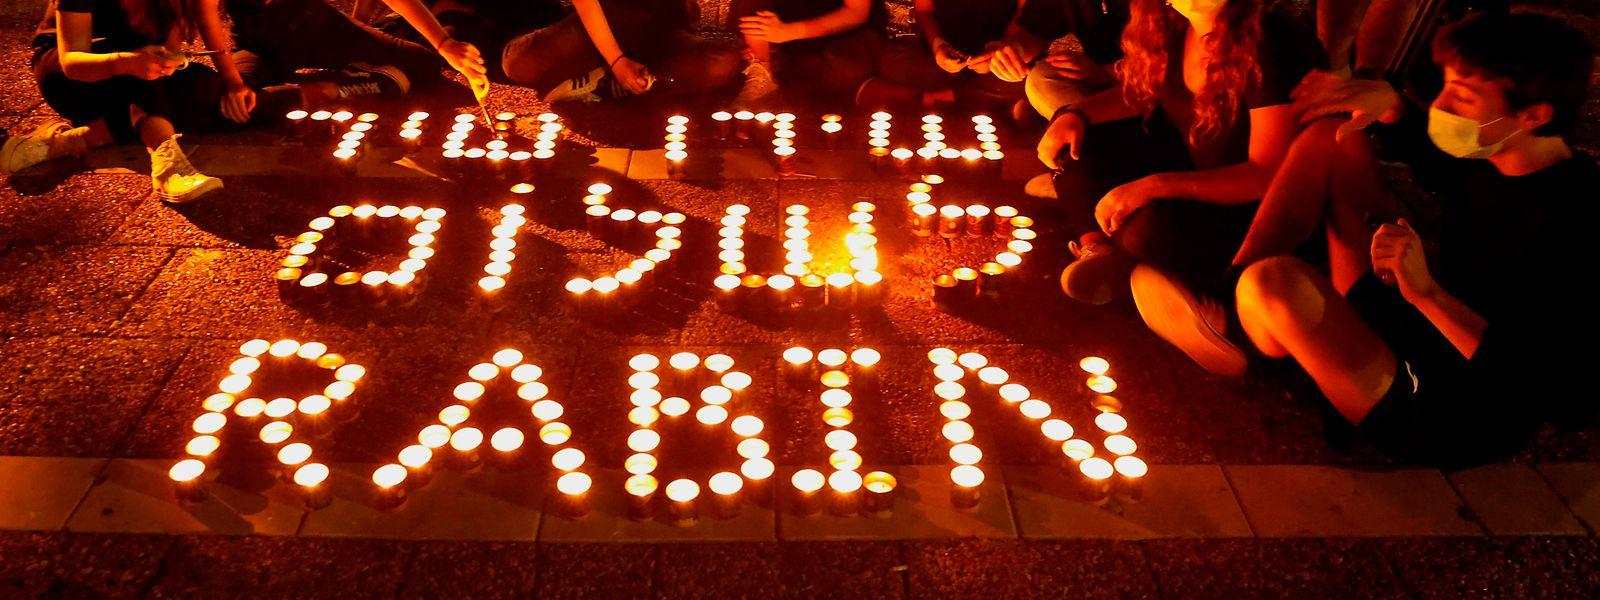 25.000 Gedenkkerzen wurden auf dem Rabin-Platz vor der Stadtverwaltung in Tel Aviv entzündet in Erinnerung an die Ikone der Friedensbewegung in Israel.